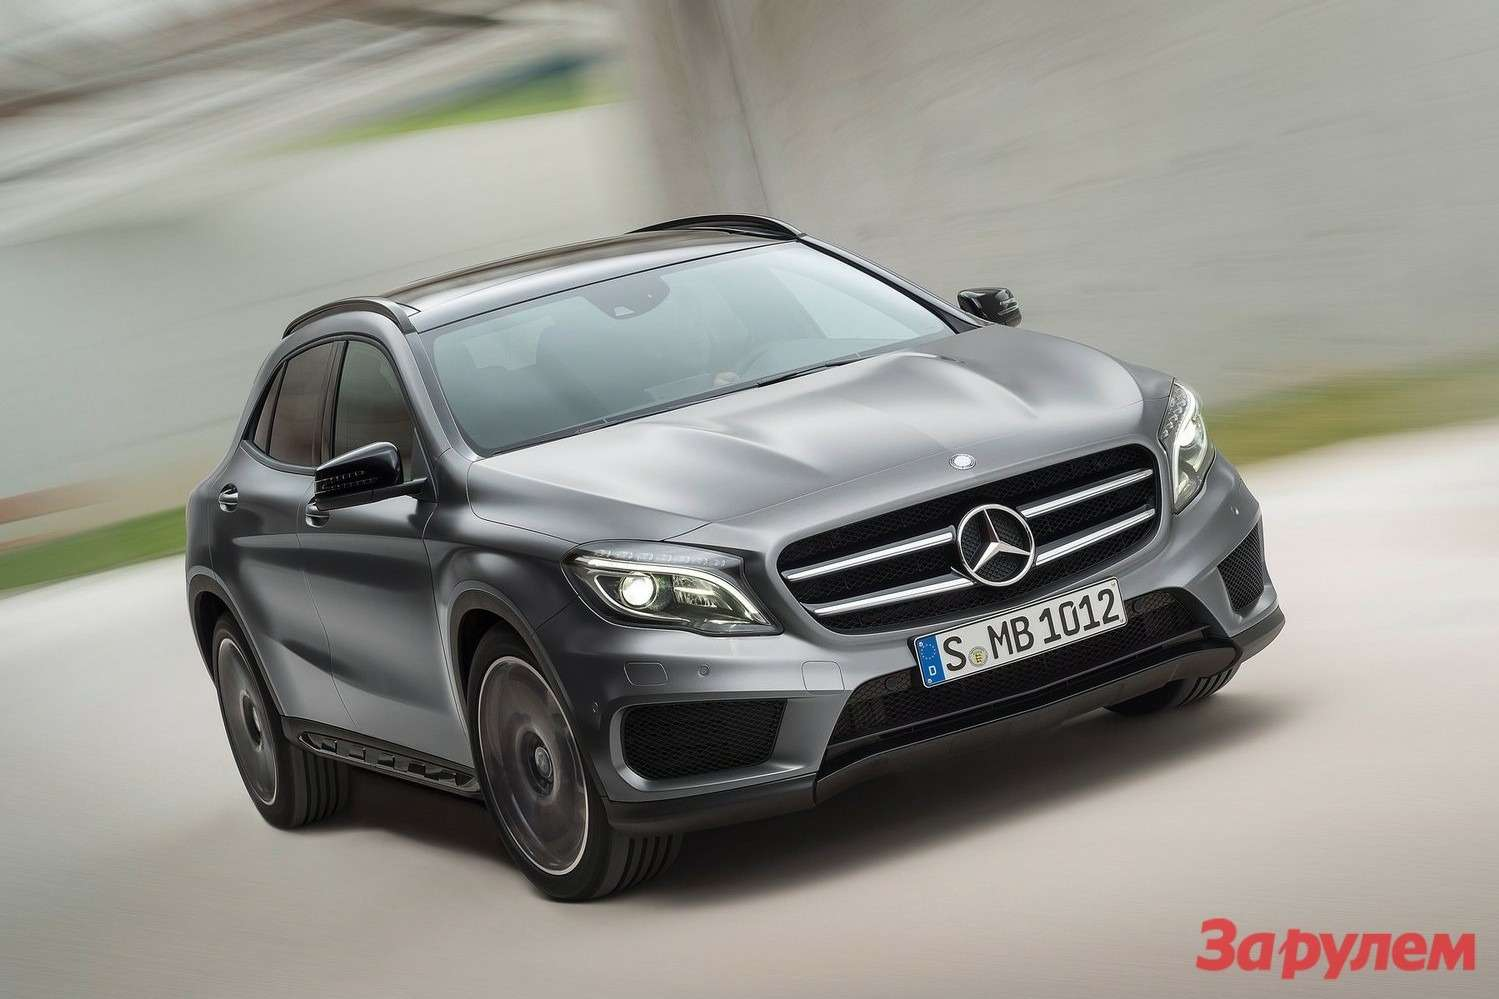 Mercedes Benz GLA Class 2015 1600x1200 wallpaper 02